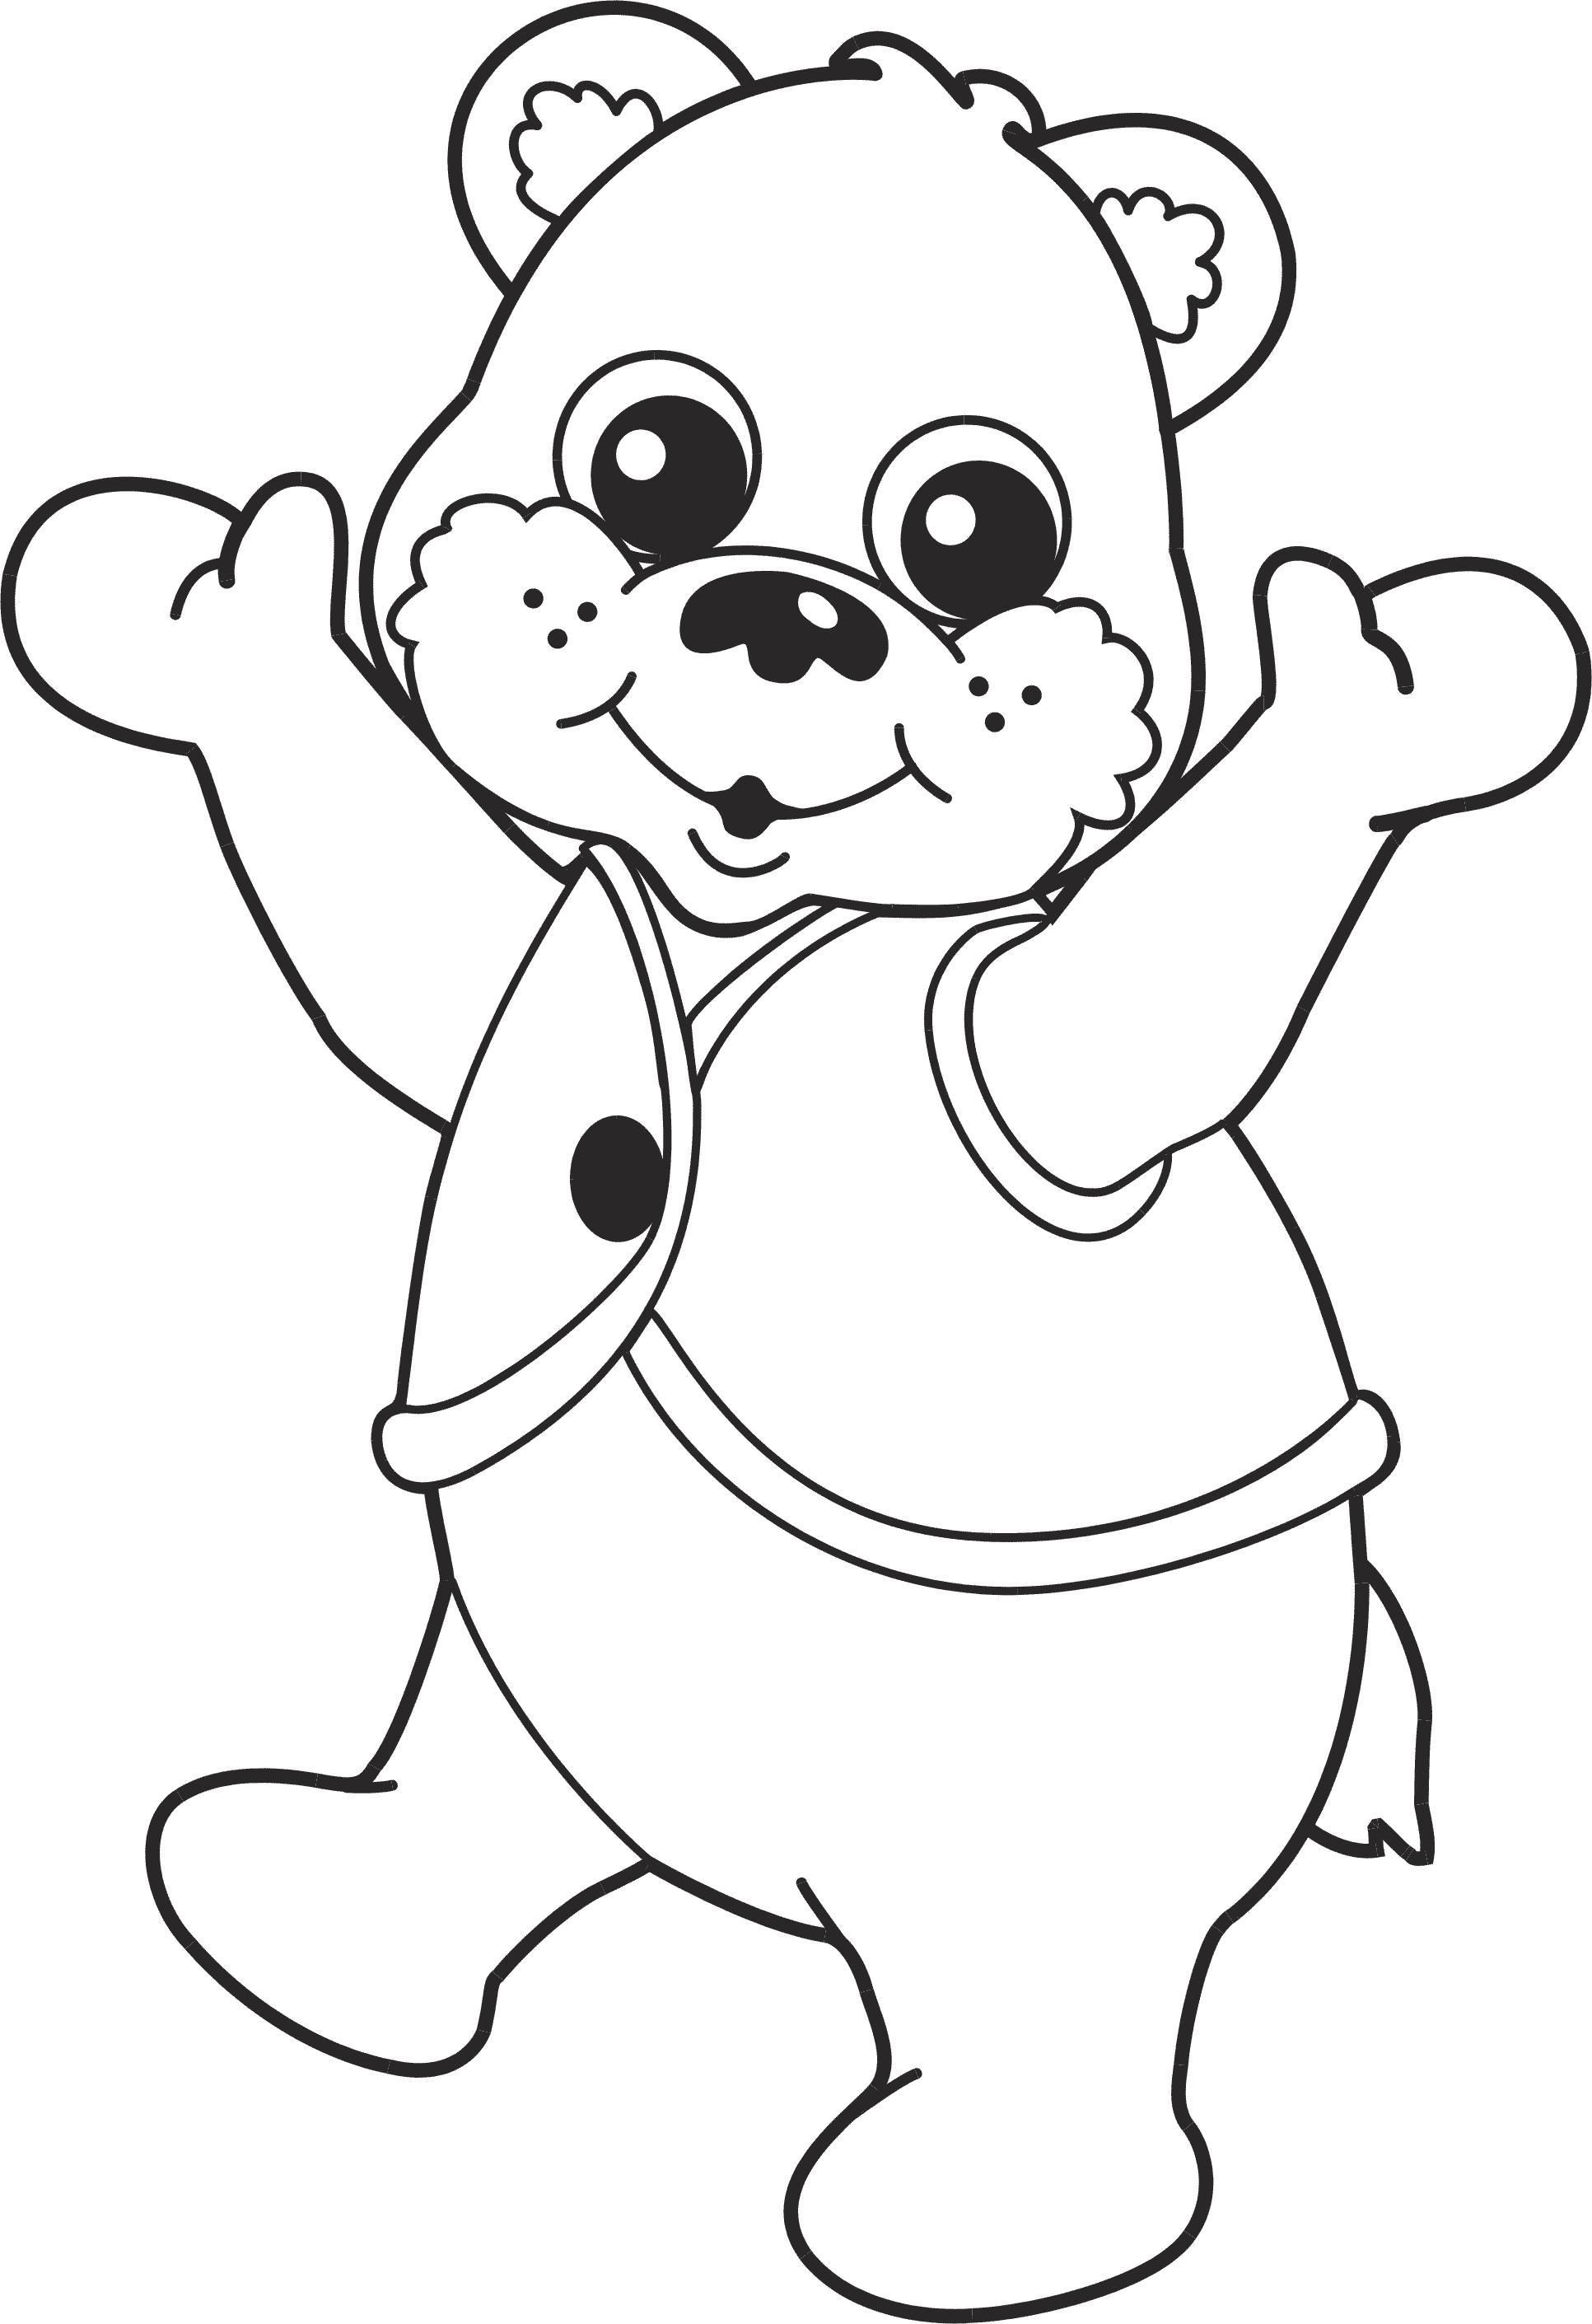 Картинка для детей мишутка раскраска